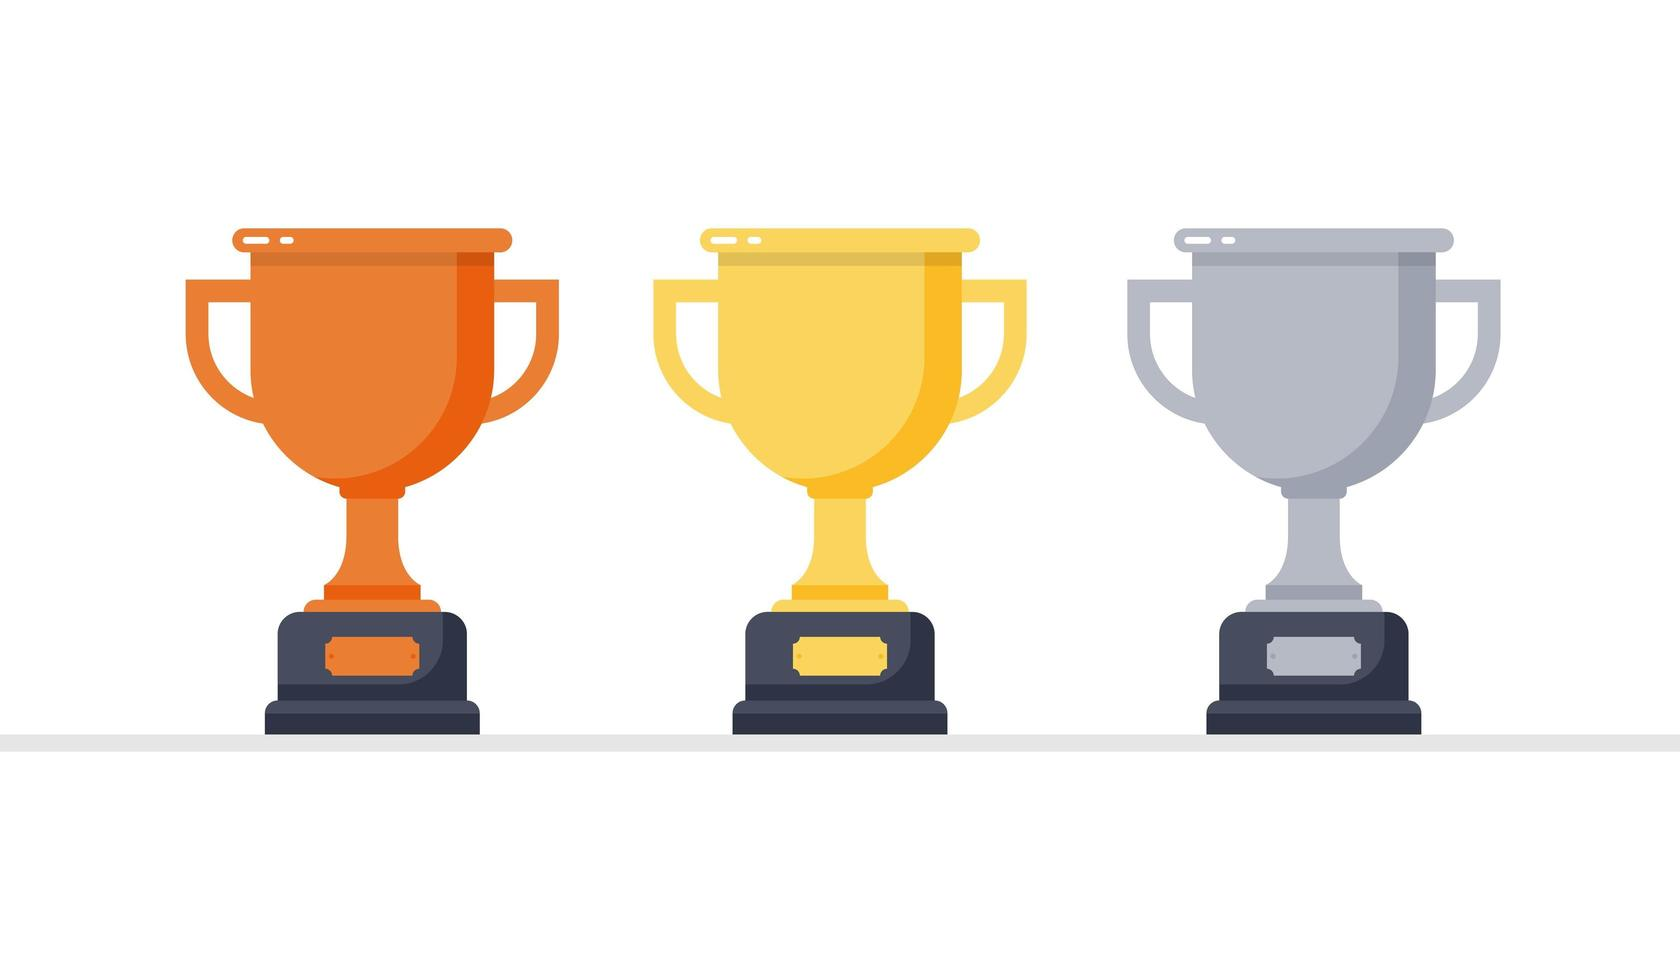 trofei d'oro, d'argento e di bronzo vettore